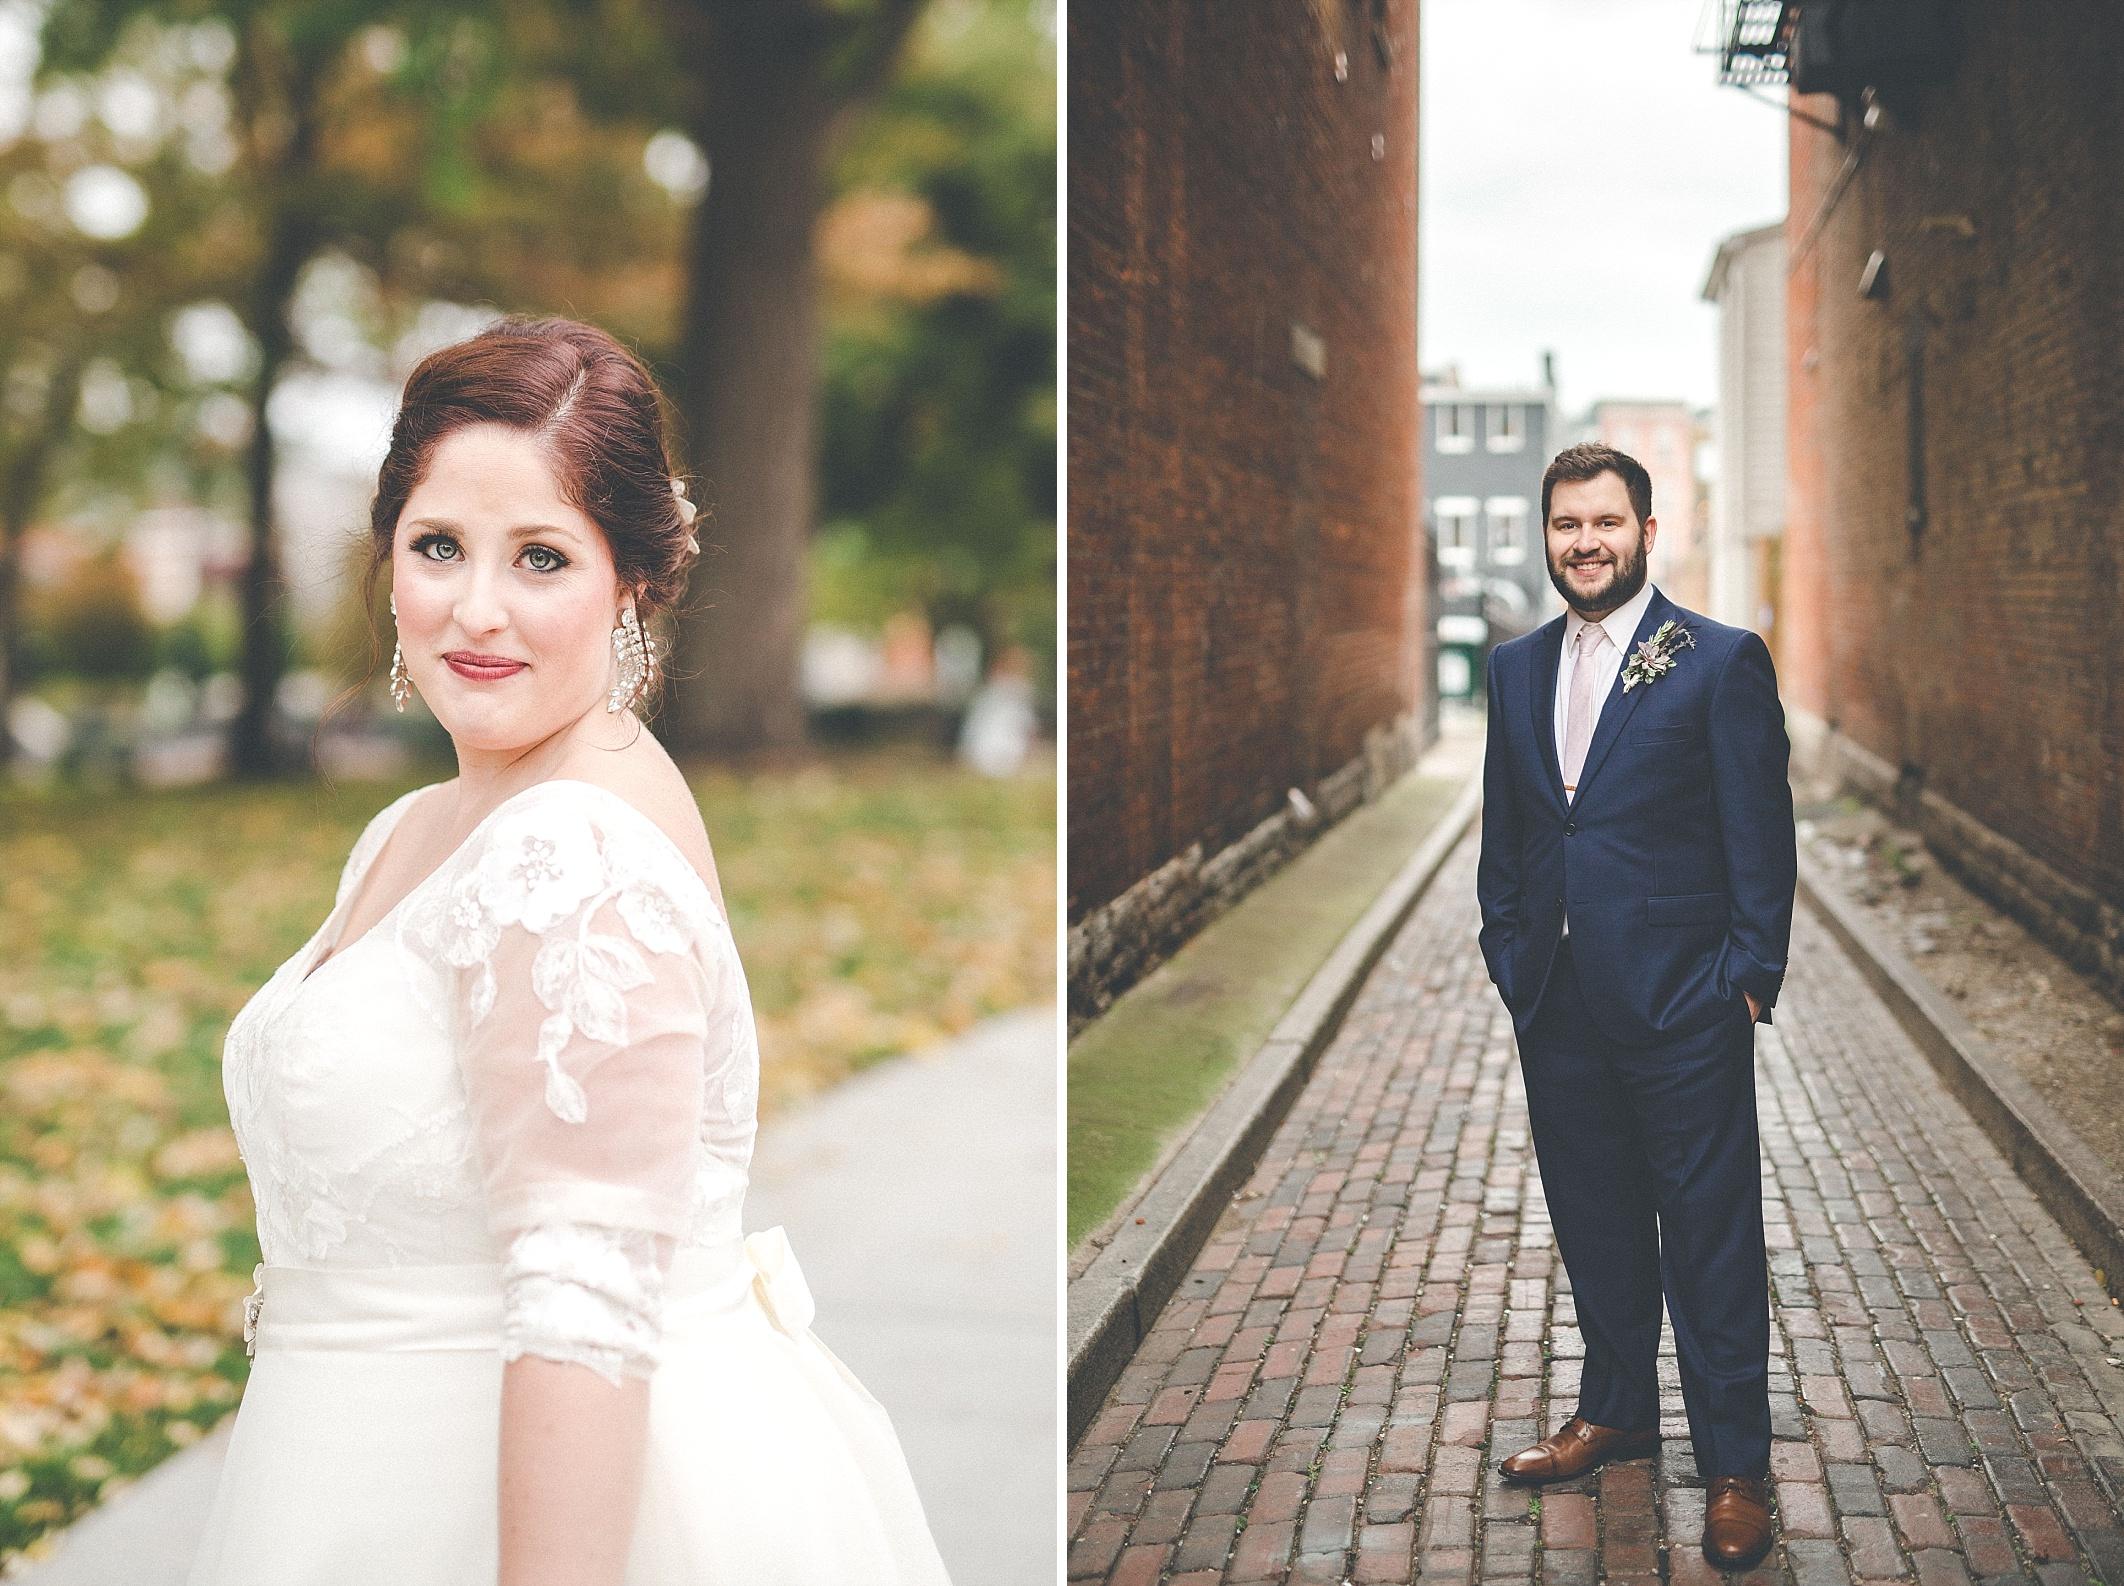 hilary-aaron-cincinnati-trancept-wedding-photographer-dayton-ohio_0025.jpg